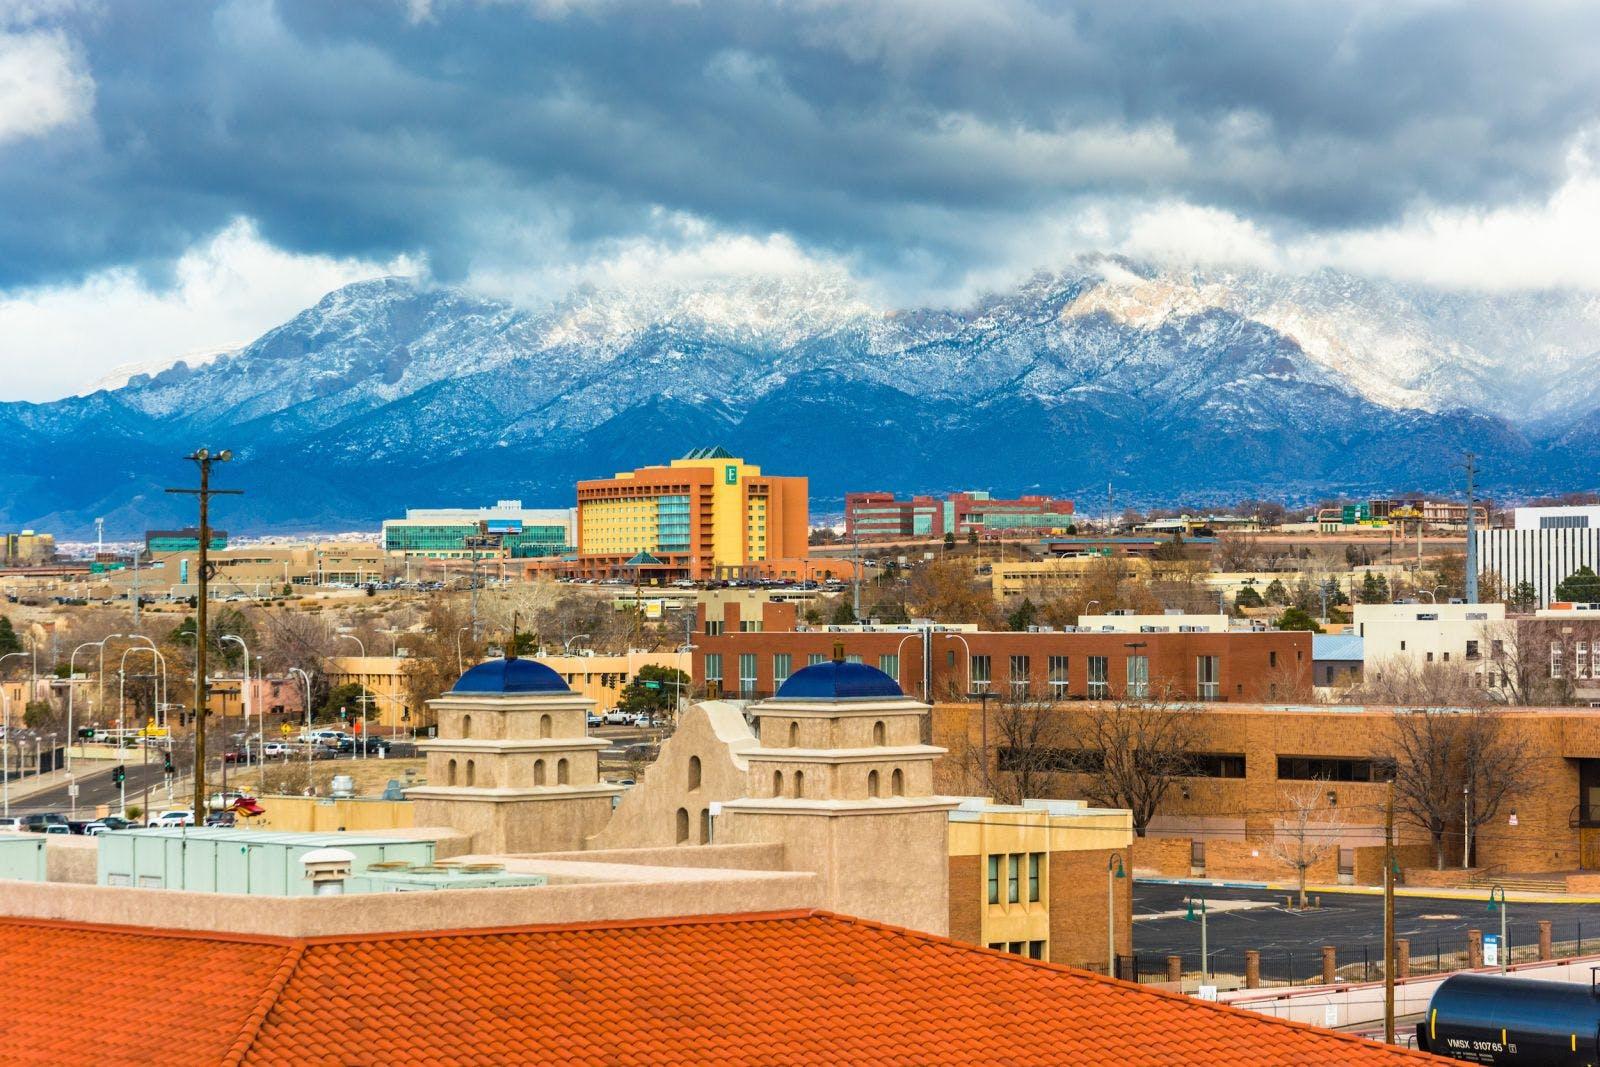 Picture of Albuquerque